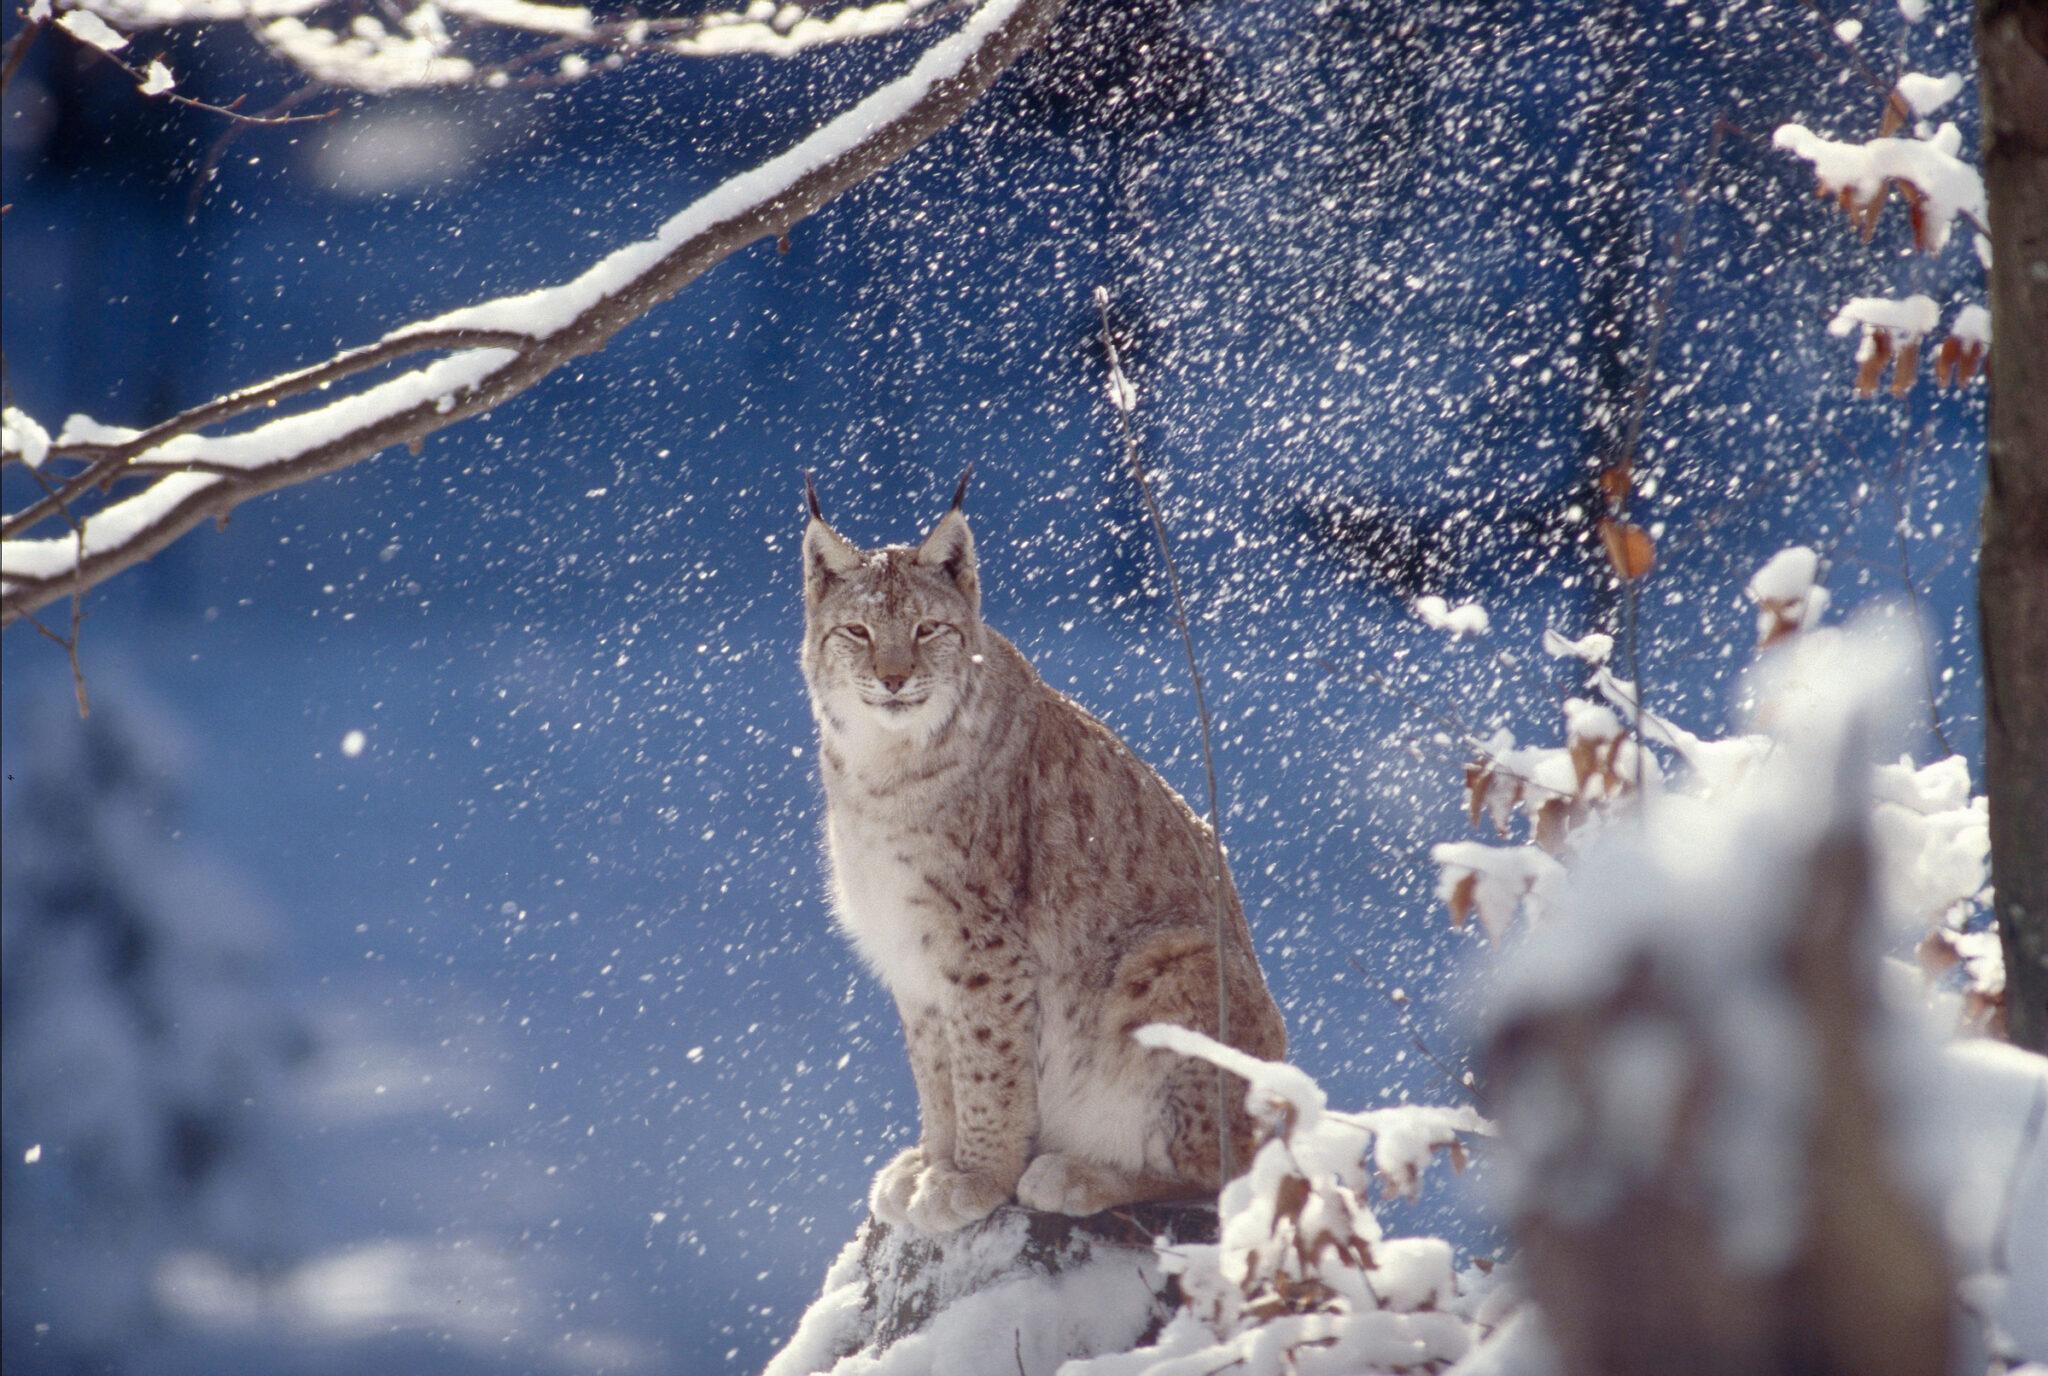 le lynx boréal, un habitant des forêts de montagne solitaire et très discret ©Roger Leguen/WWF Régional